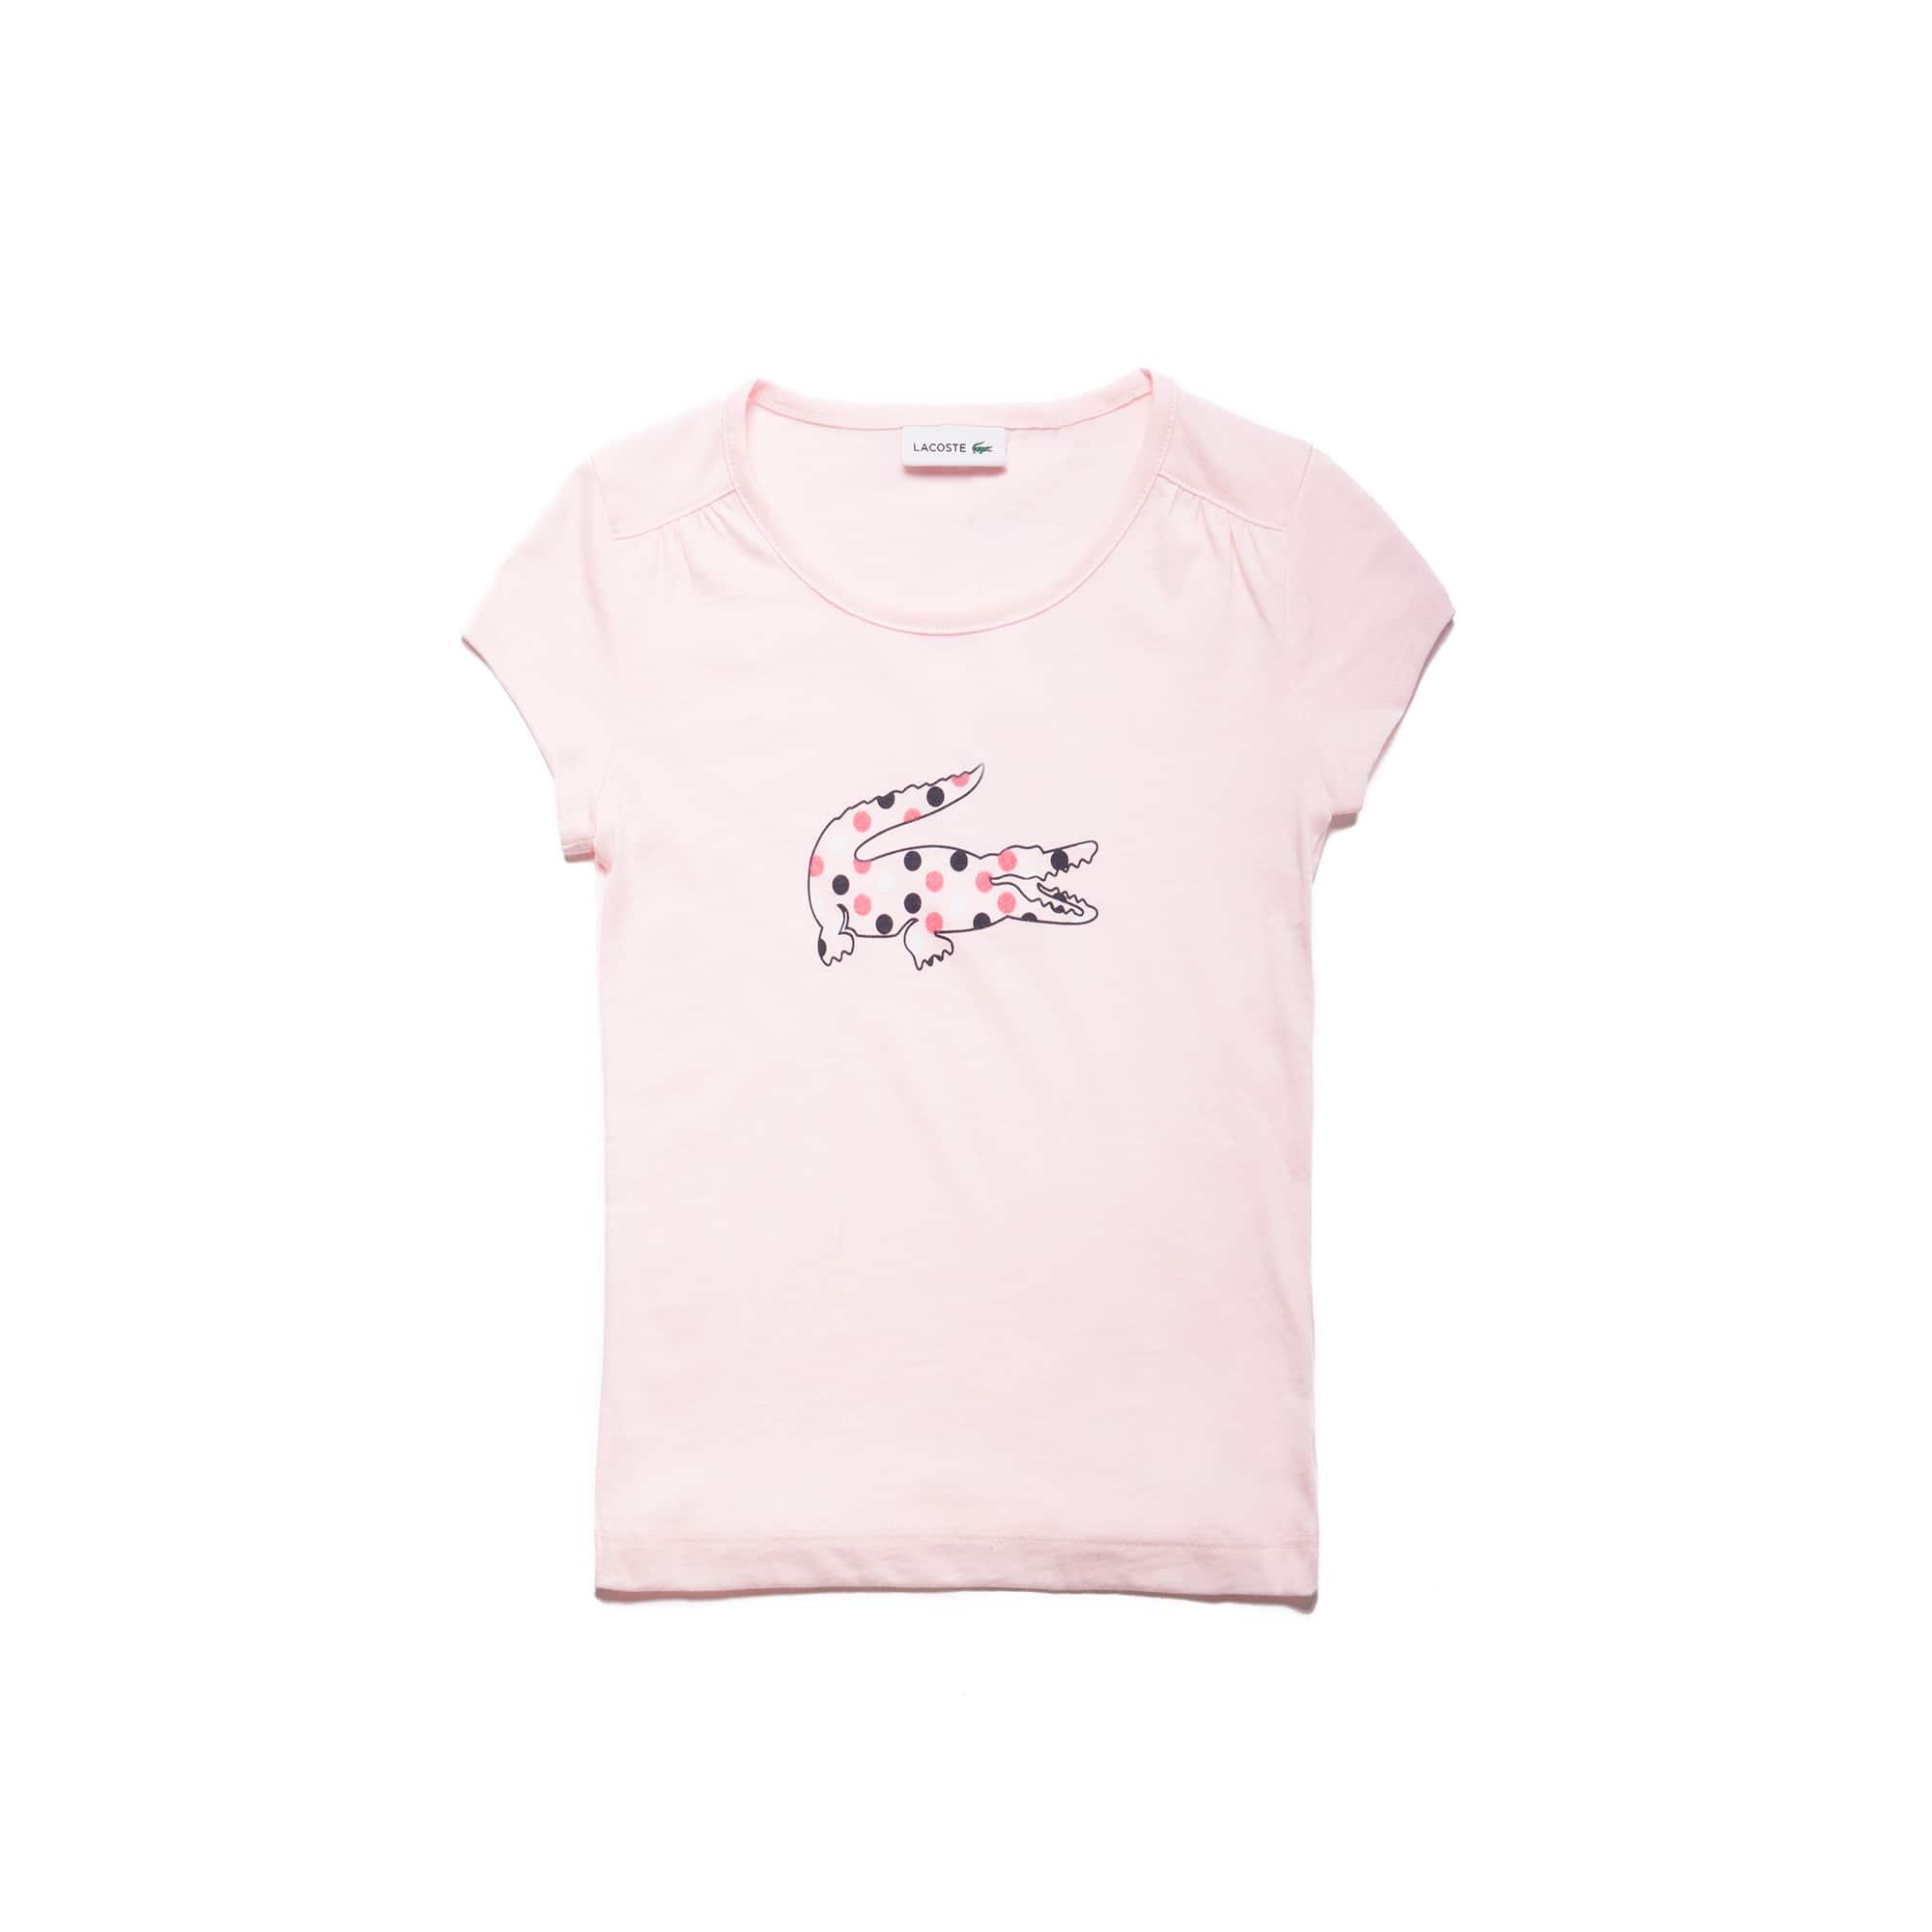 Girls' Crew Neck Polka Dot Crocodile Jersey T-shirt